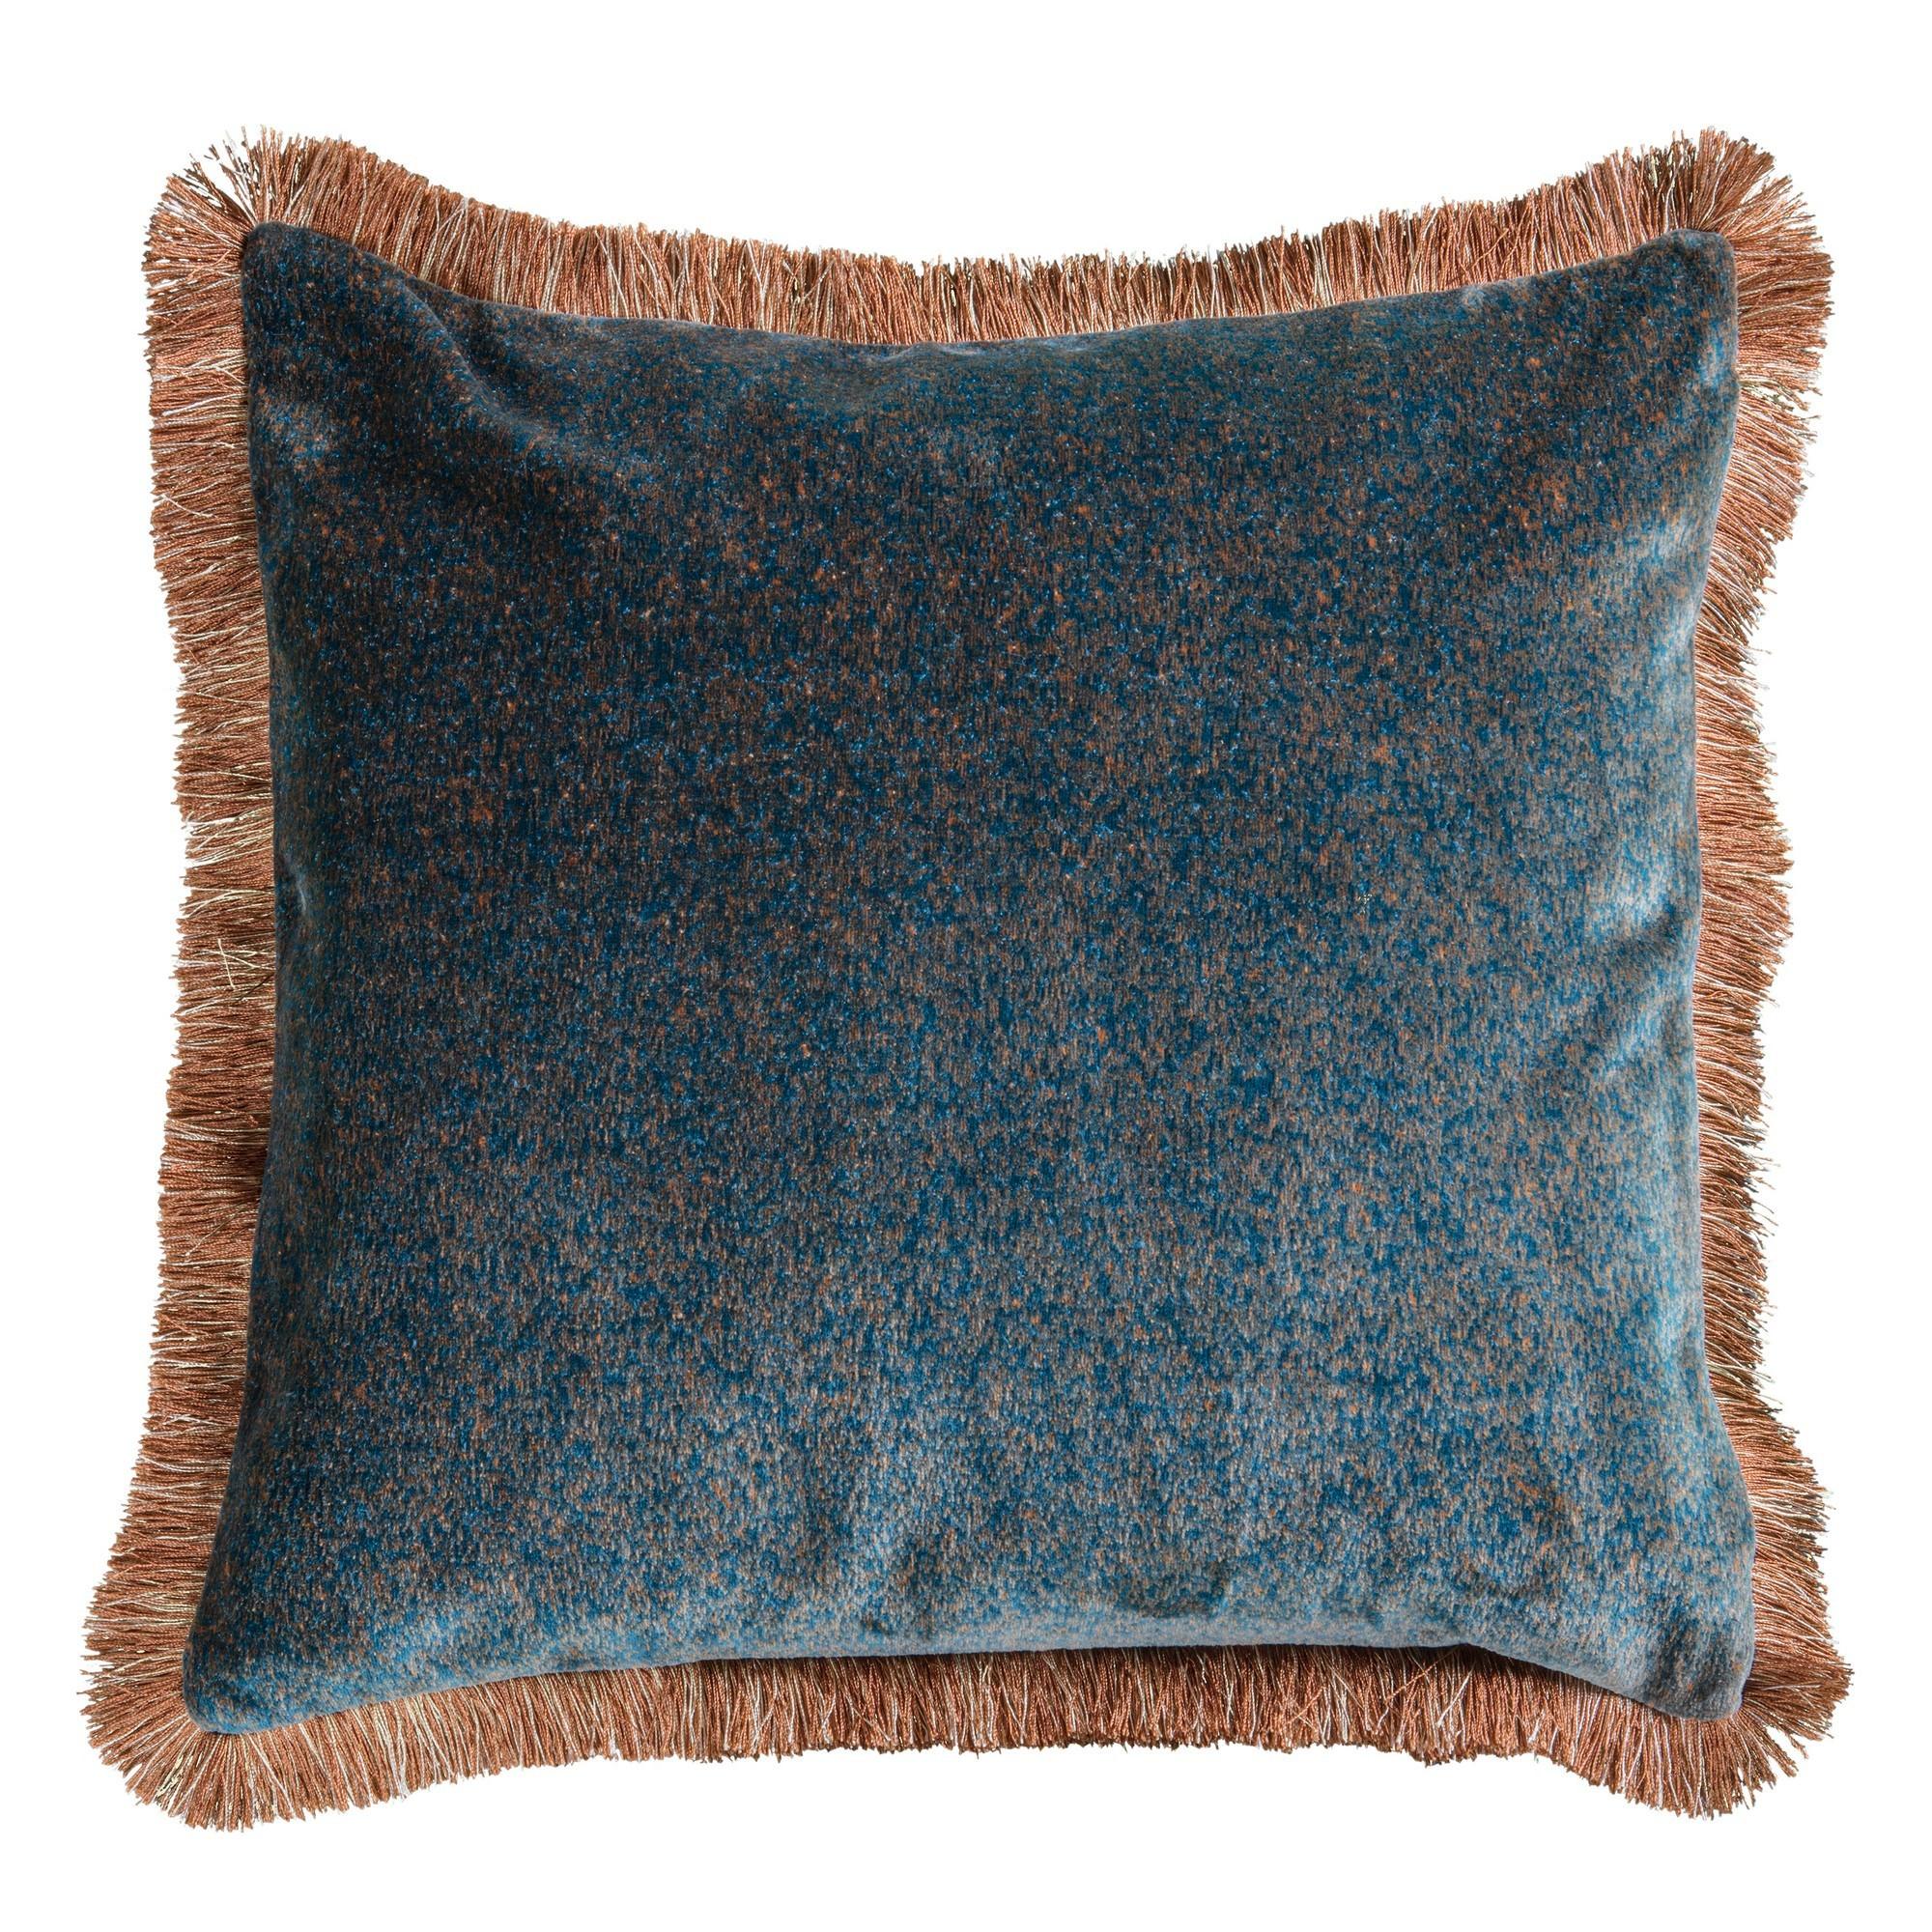 Joan Mottled Velvet Fabric Feather Filled Scatter Cushion, Pine